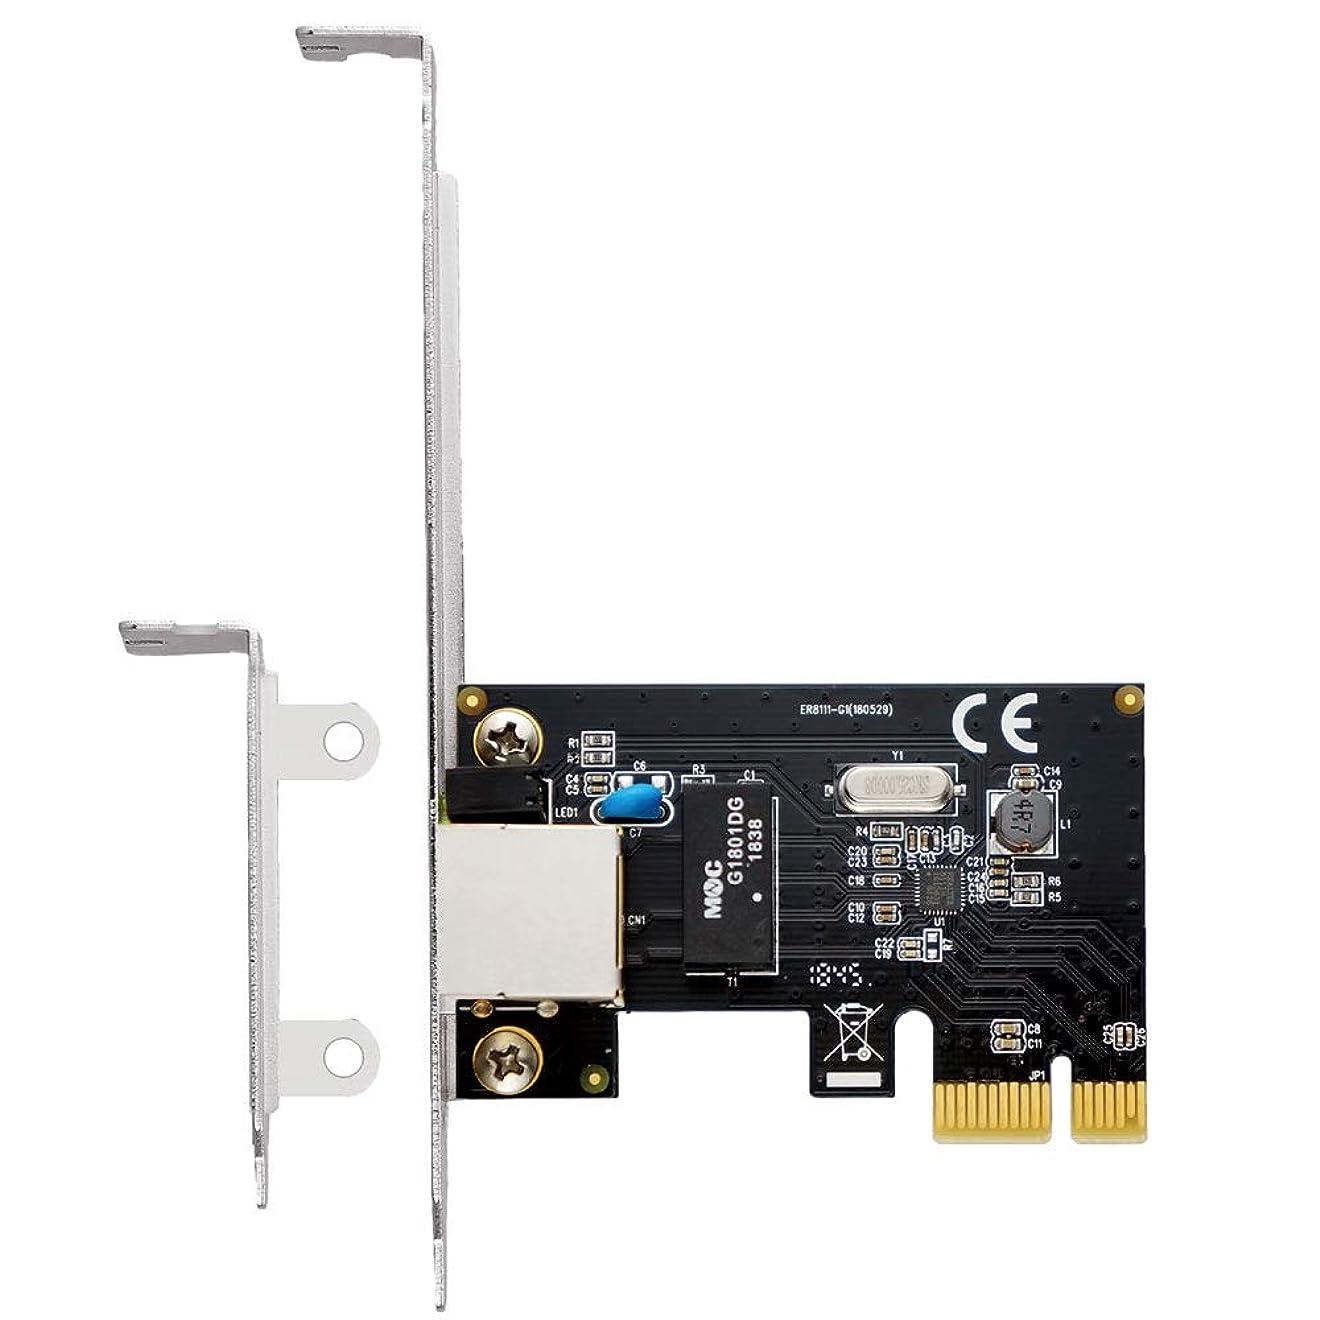 免除スピーチうつエアリア ジーノ四世 PCI Express x1 接続 ギガビットイーサネット1ポート Realtekチップ搭載 Windows 10 対応 SD-PEGLAN-1L2